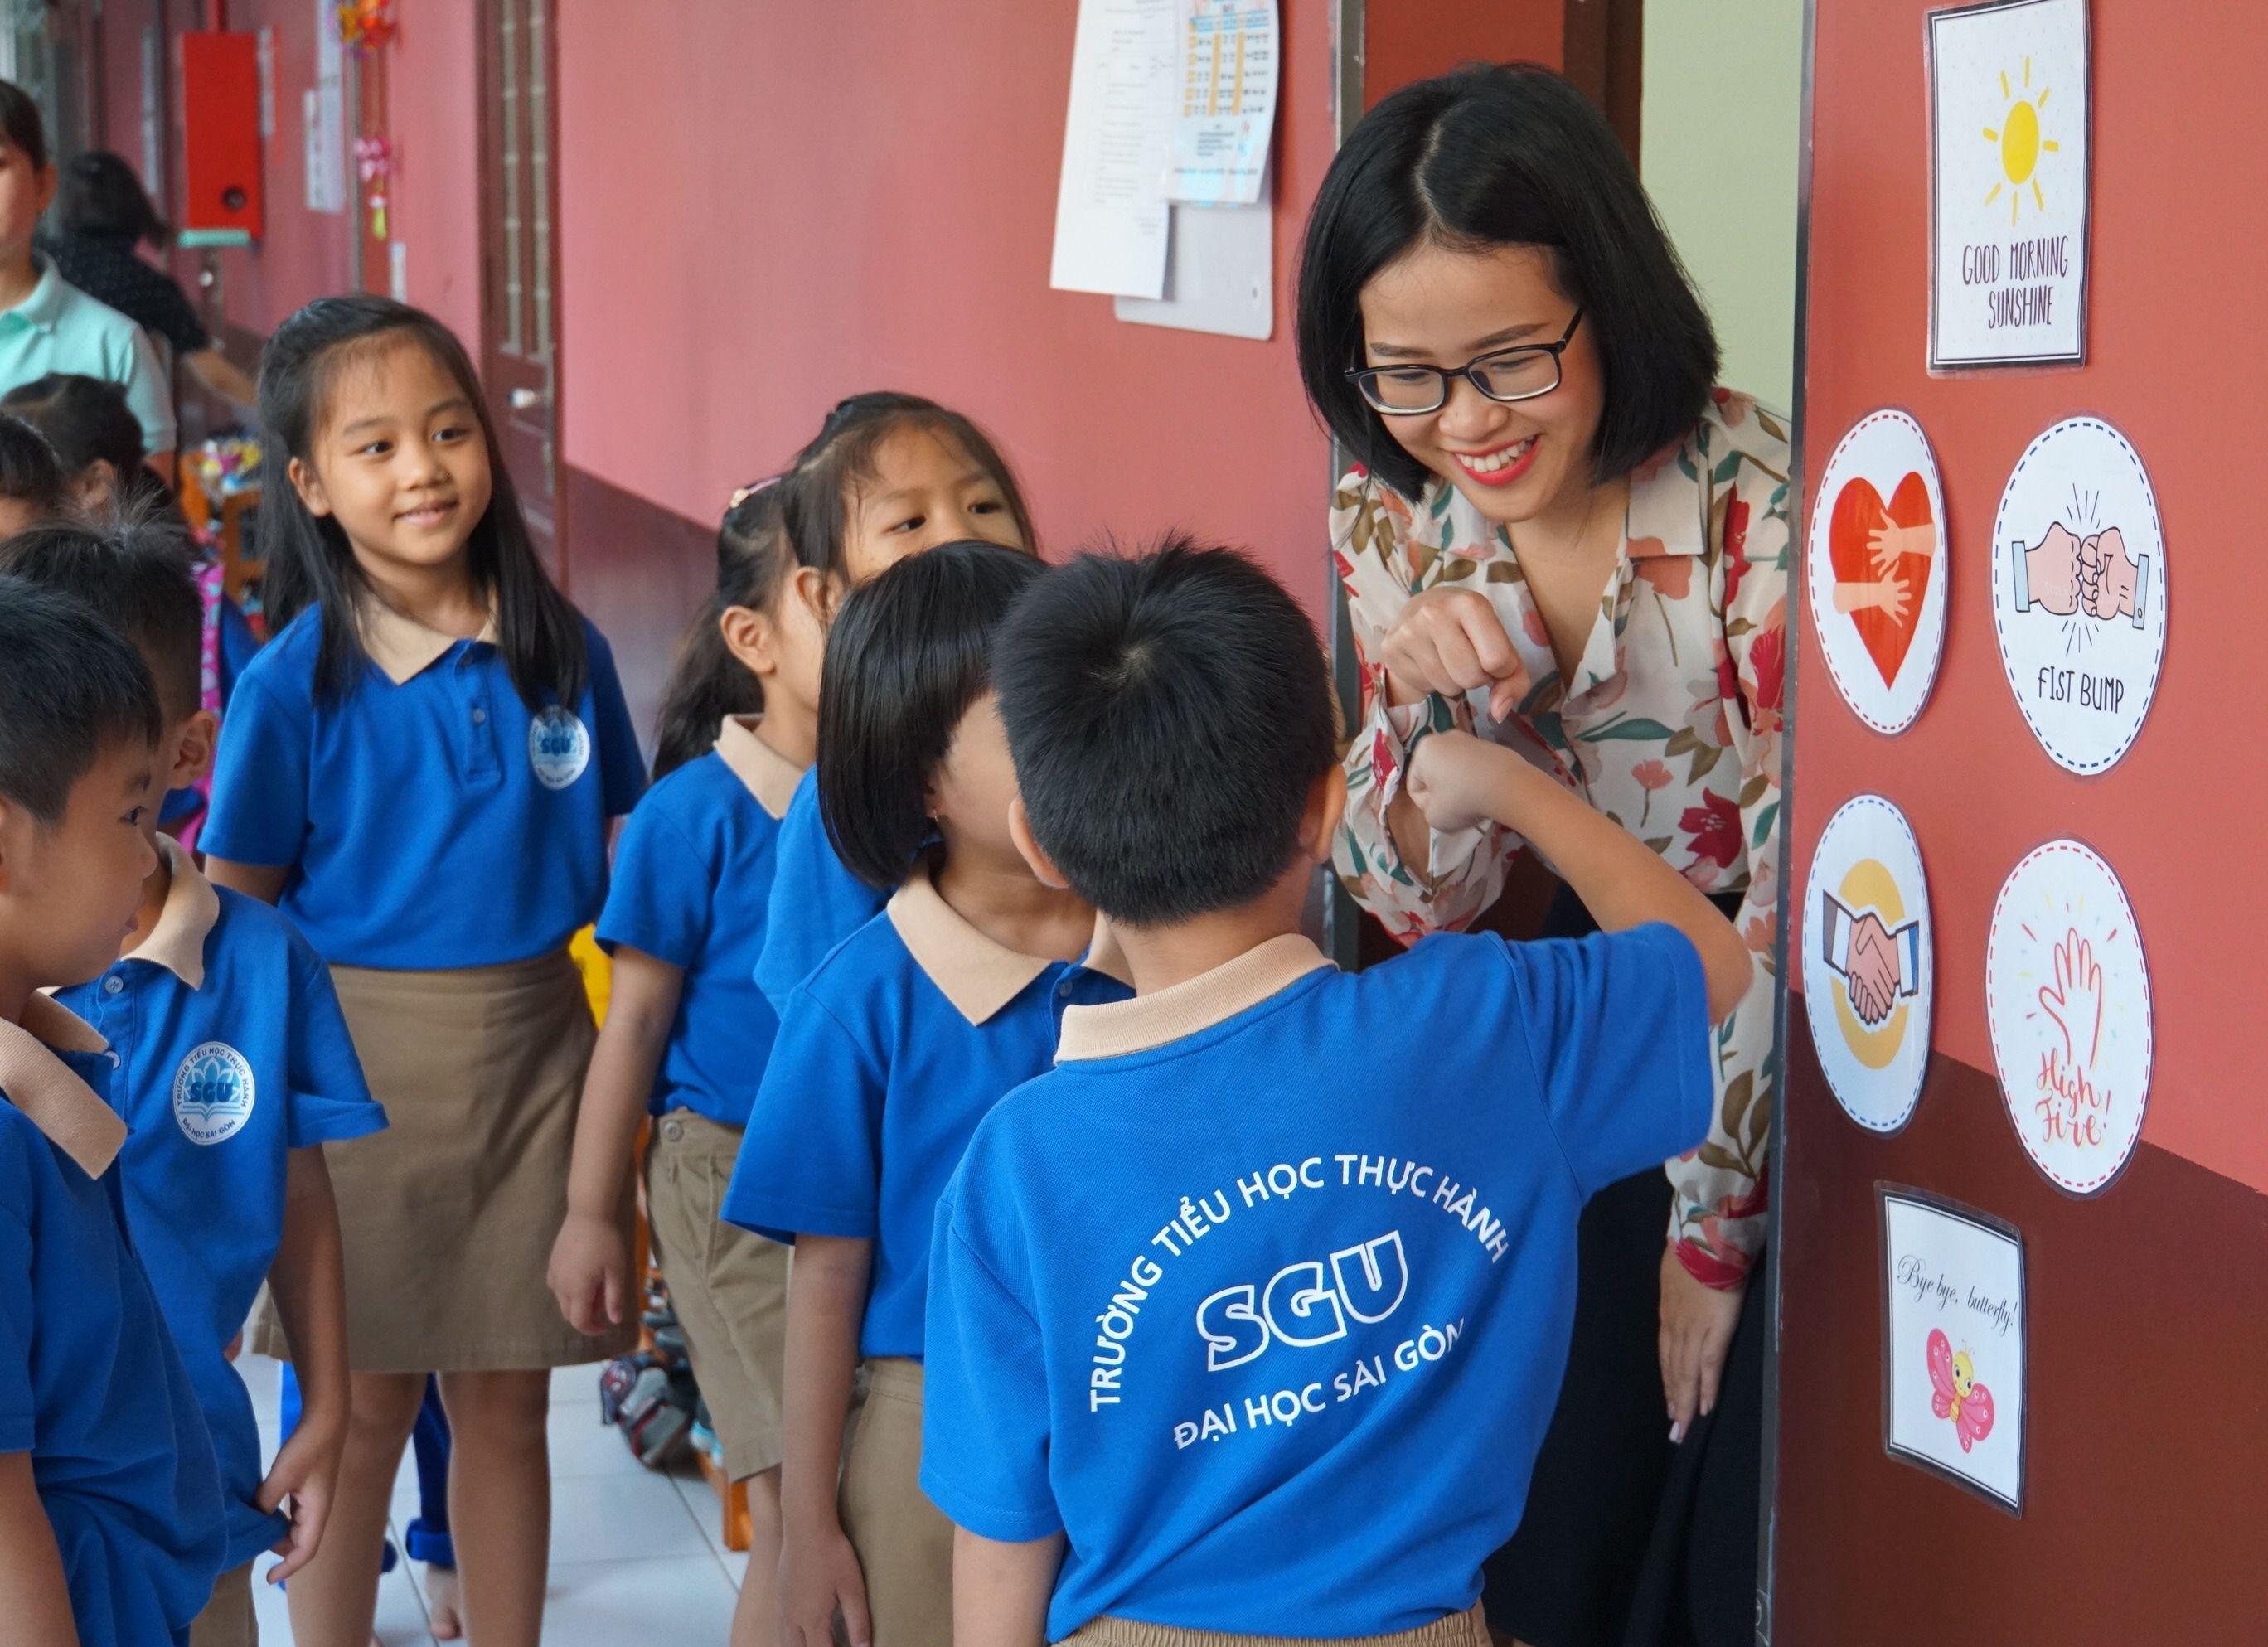 Ảnh ngày nhà giáo Việt Nam 20-11 đẹp nhất